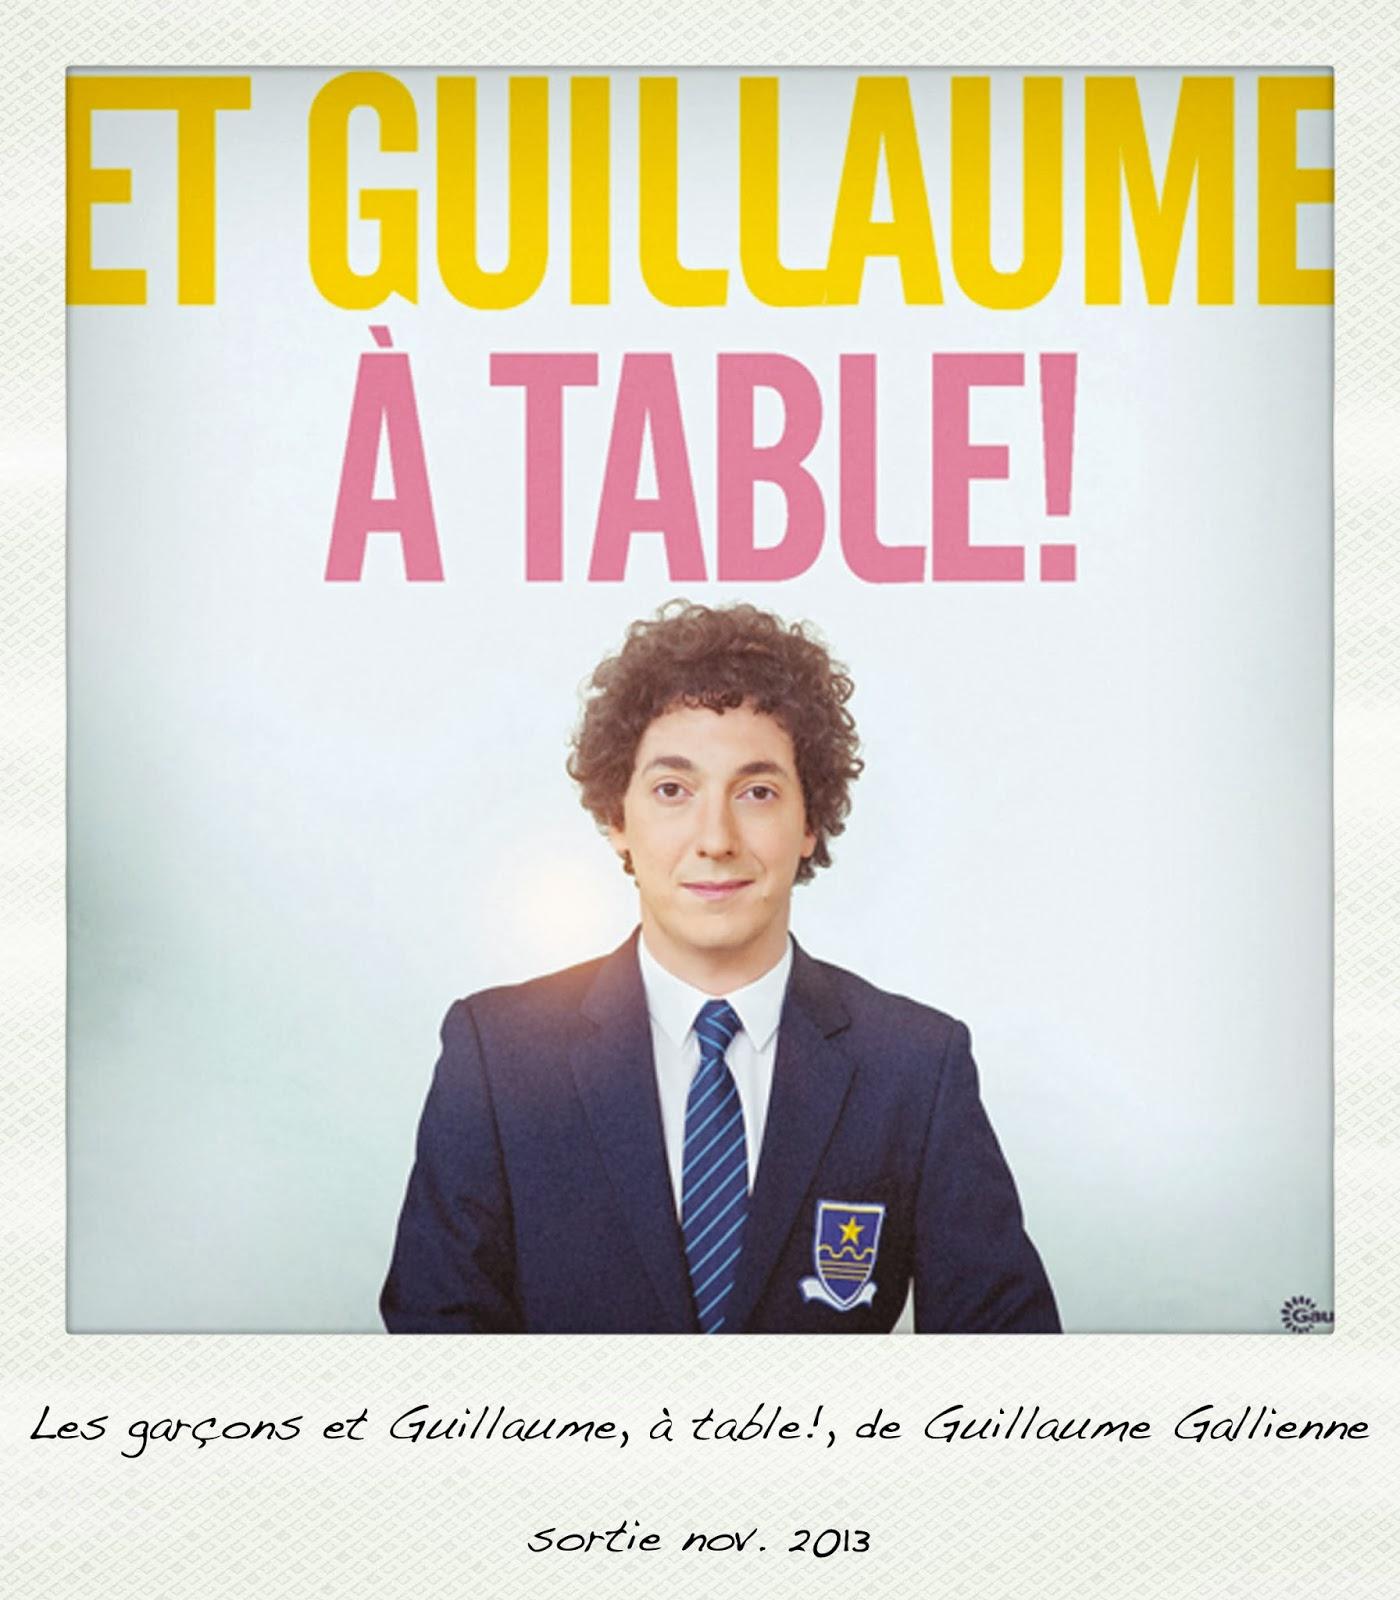 Soyons d sinvoltes n 39 ayons l 39 air de rien november 2013 - Les garcons et guillaume a table online ...